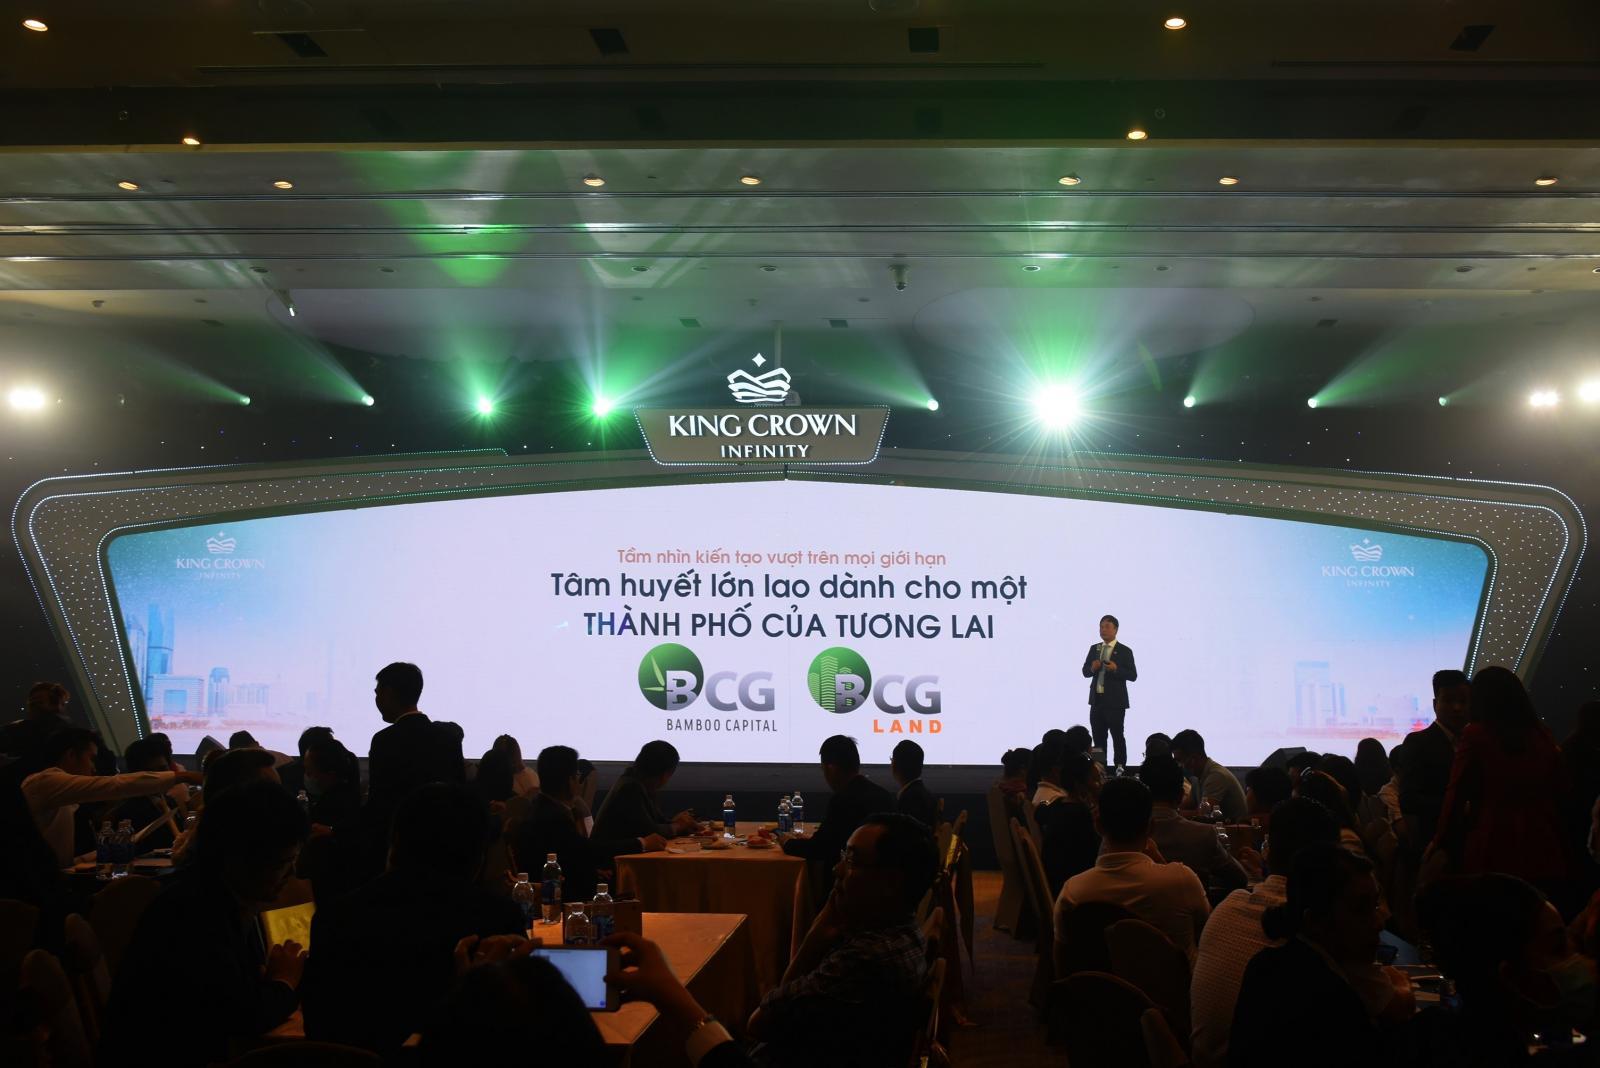 20210125152139 8942 Tin thị trường BĐS mới: Chính thức giới thiệu dự án biểu tượng King Crown Infinity